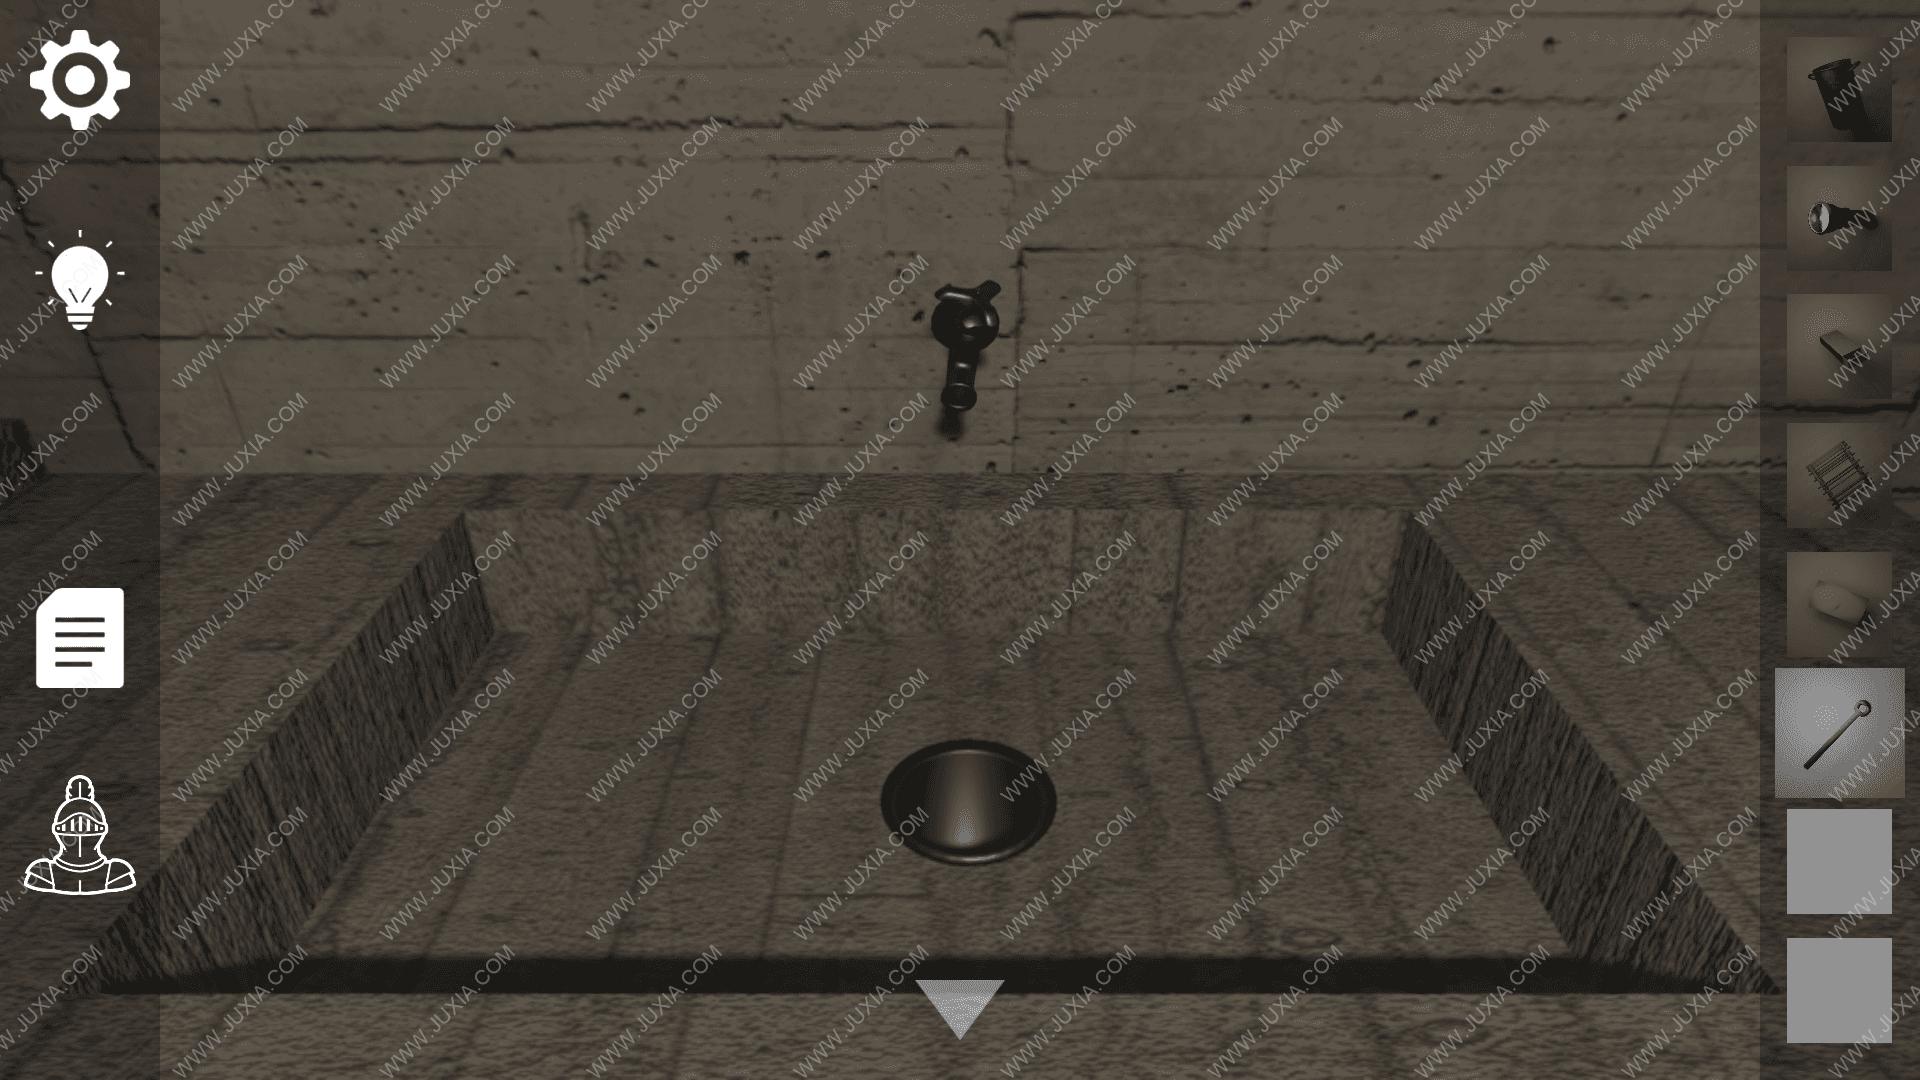 失落大厦游戏攻略图书馆 LostMansion钥匙在哪里